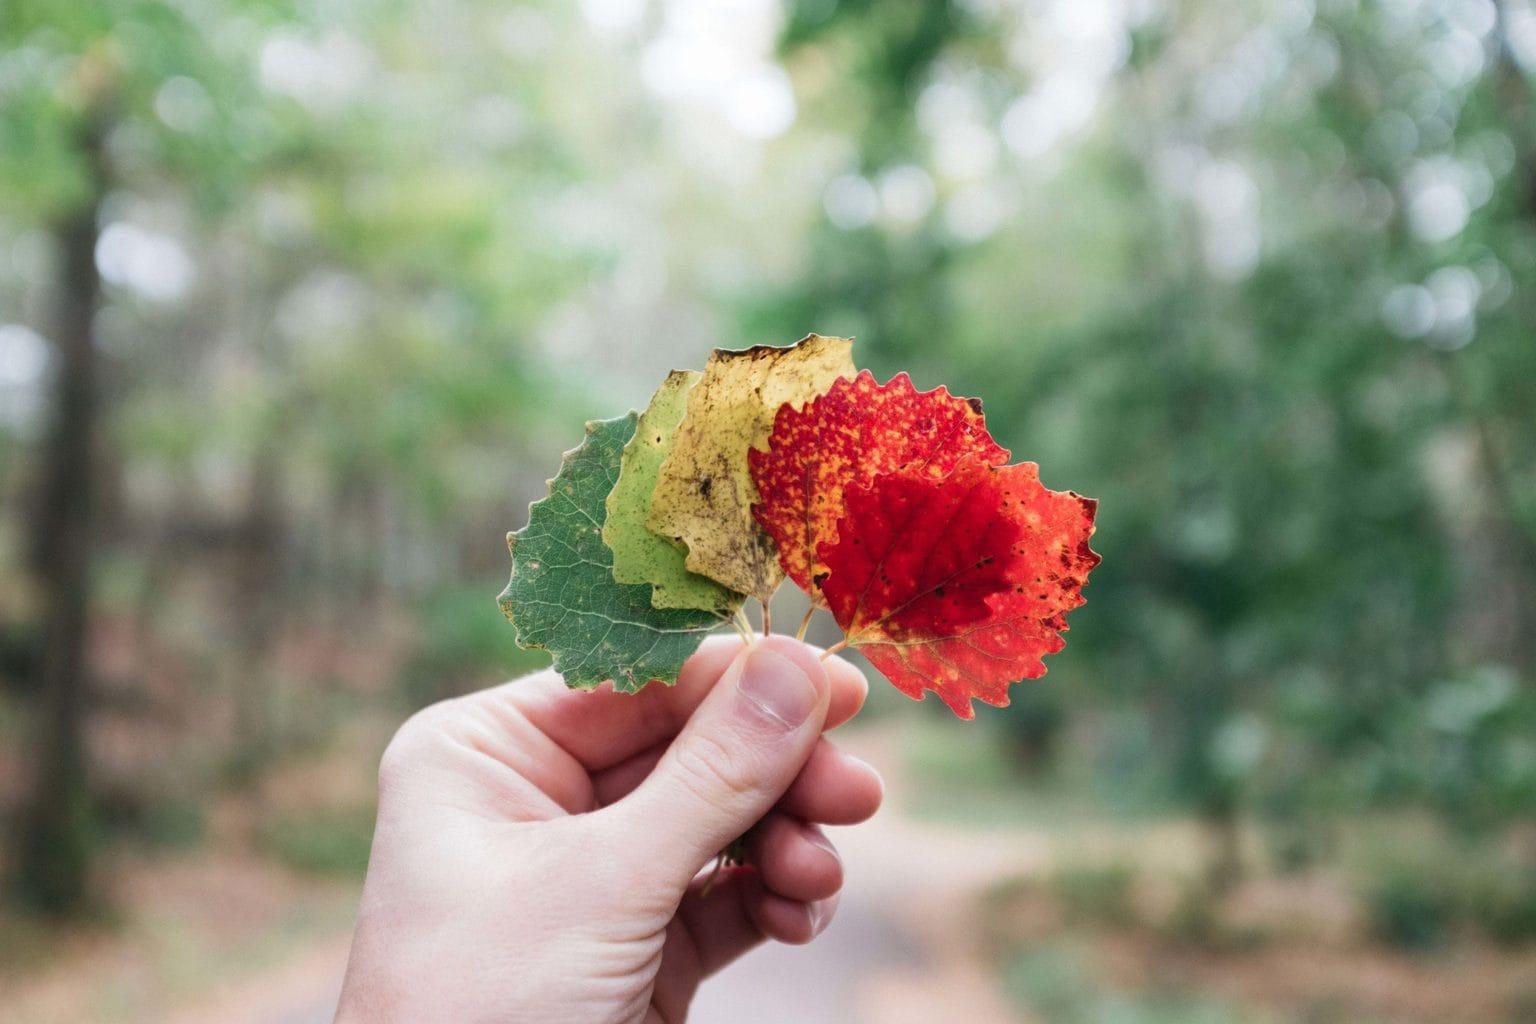 hojas secas en la mano